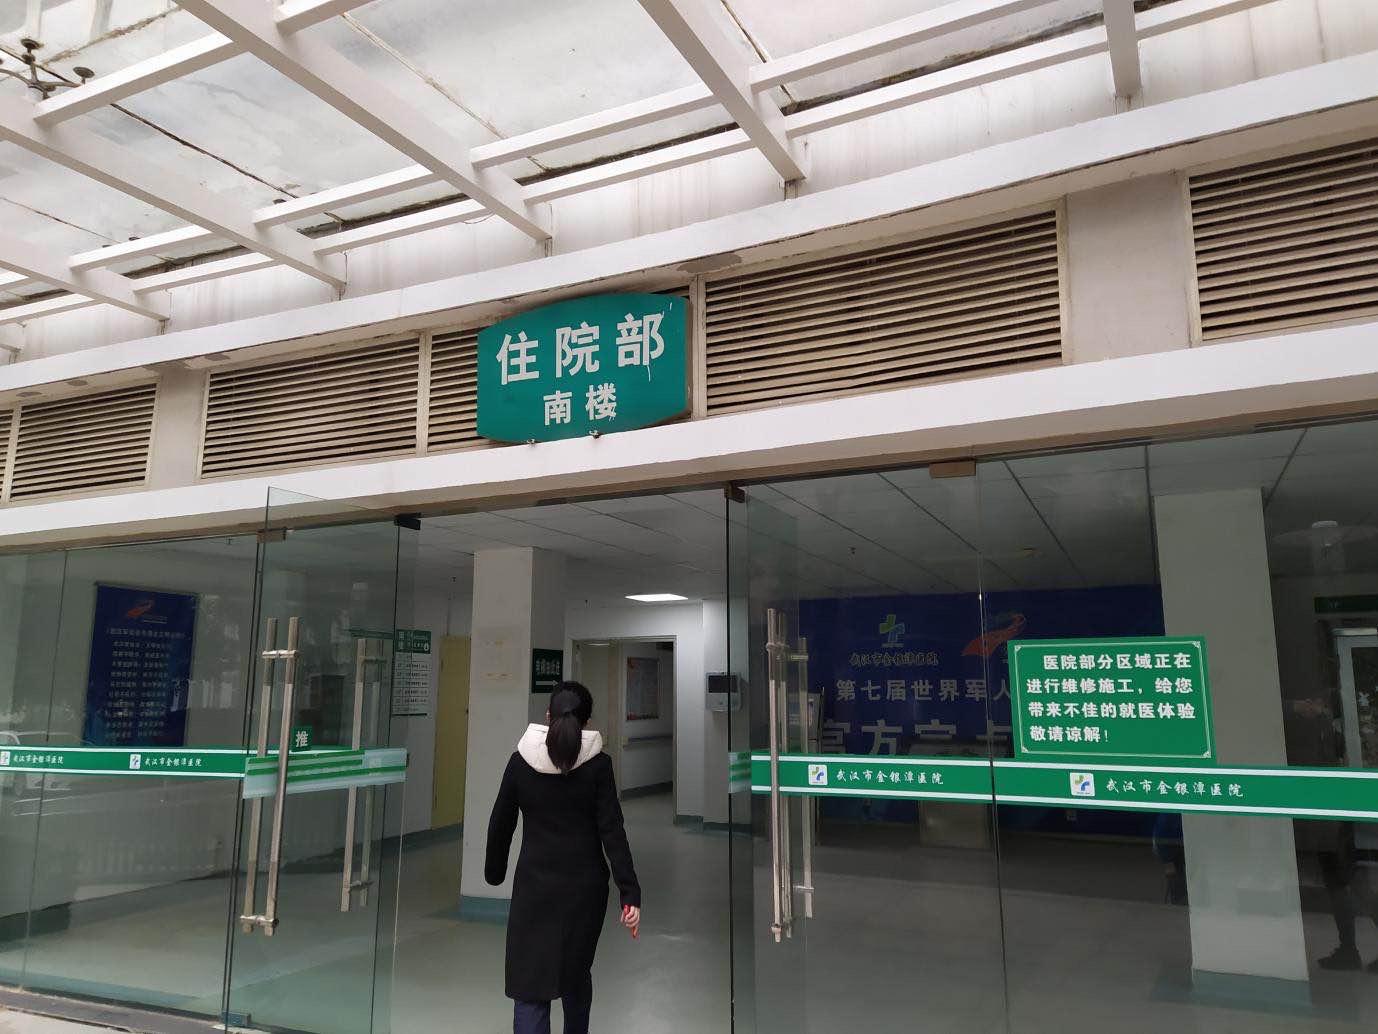 武汉不明原因肺炎疫情追踪:患者被转入当地知名传染病医院